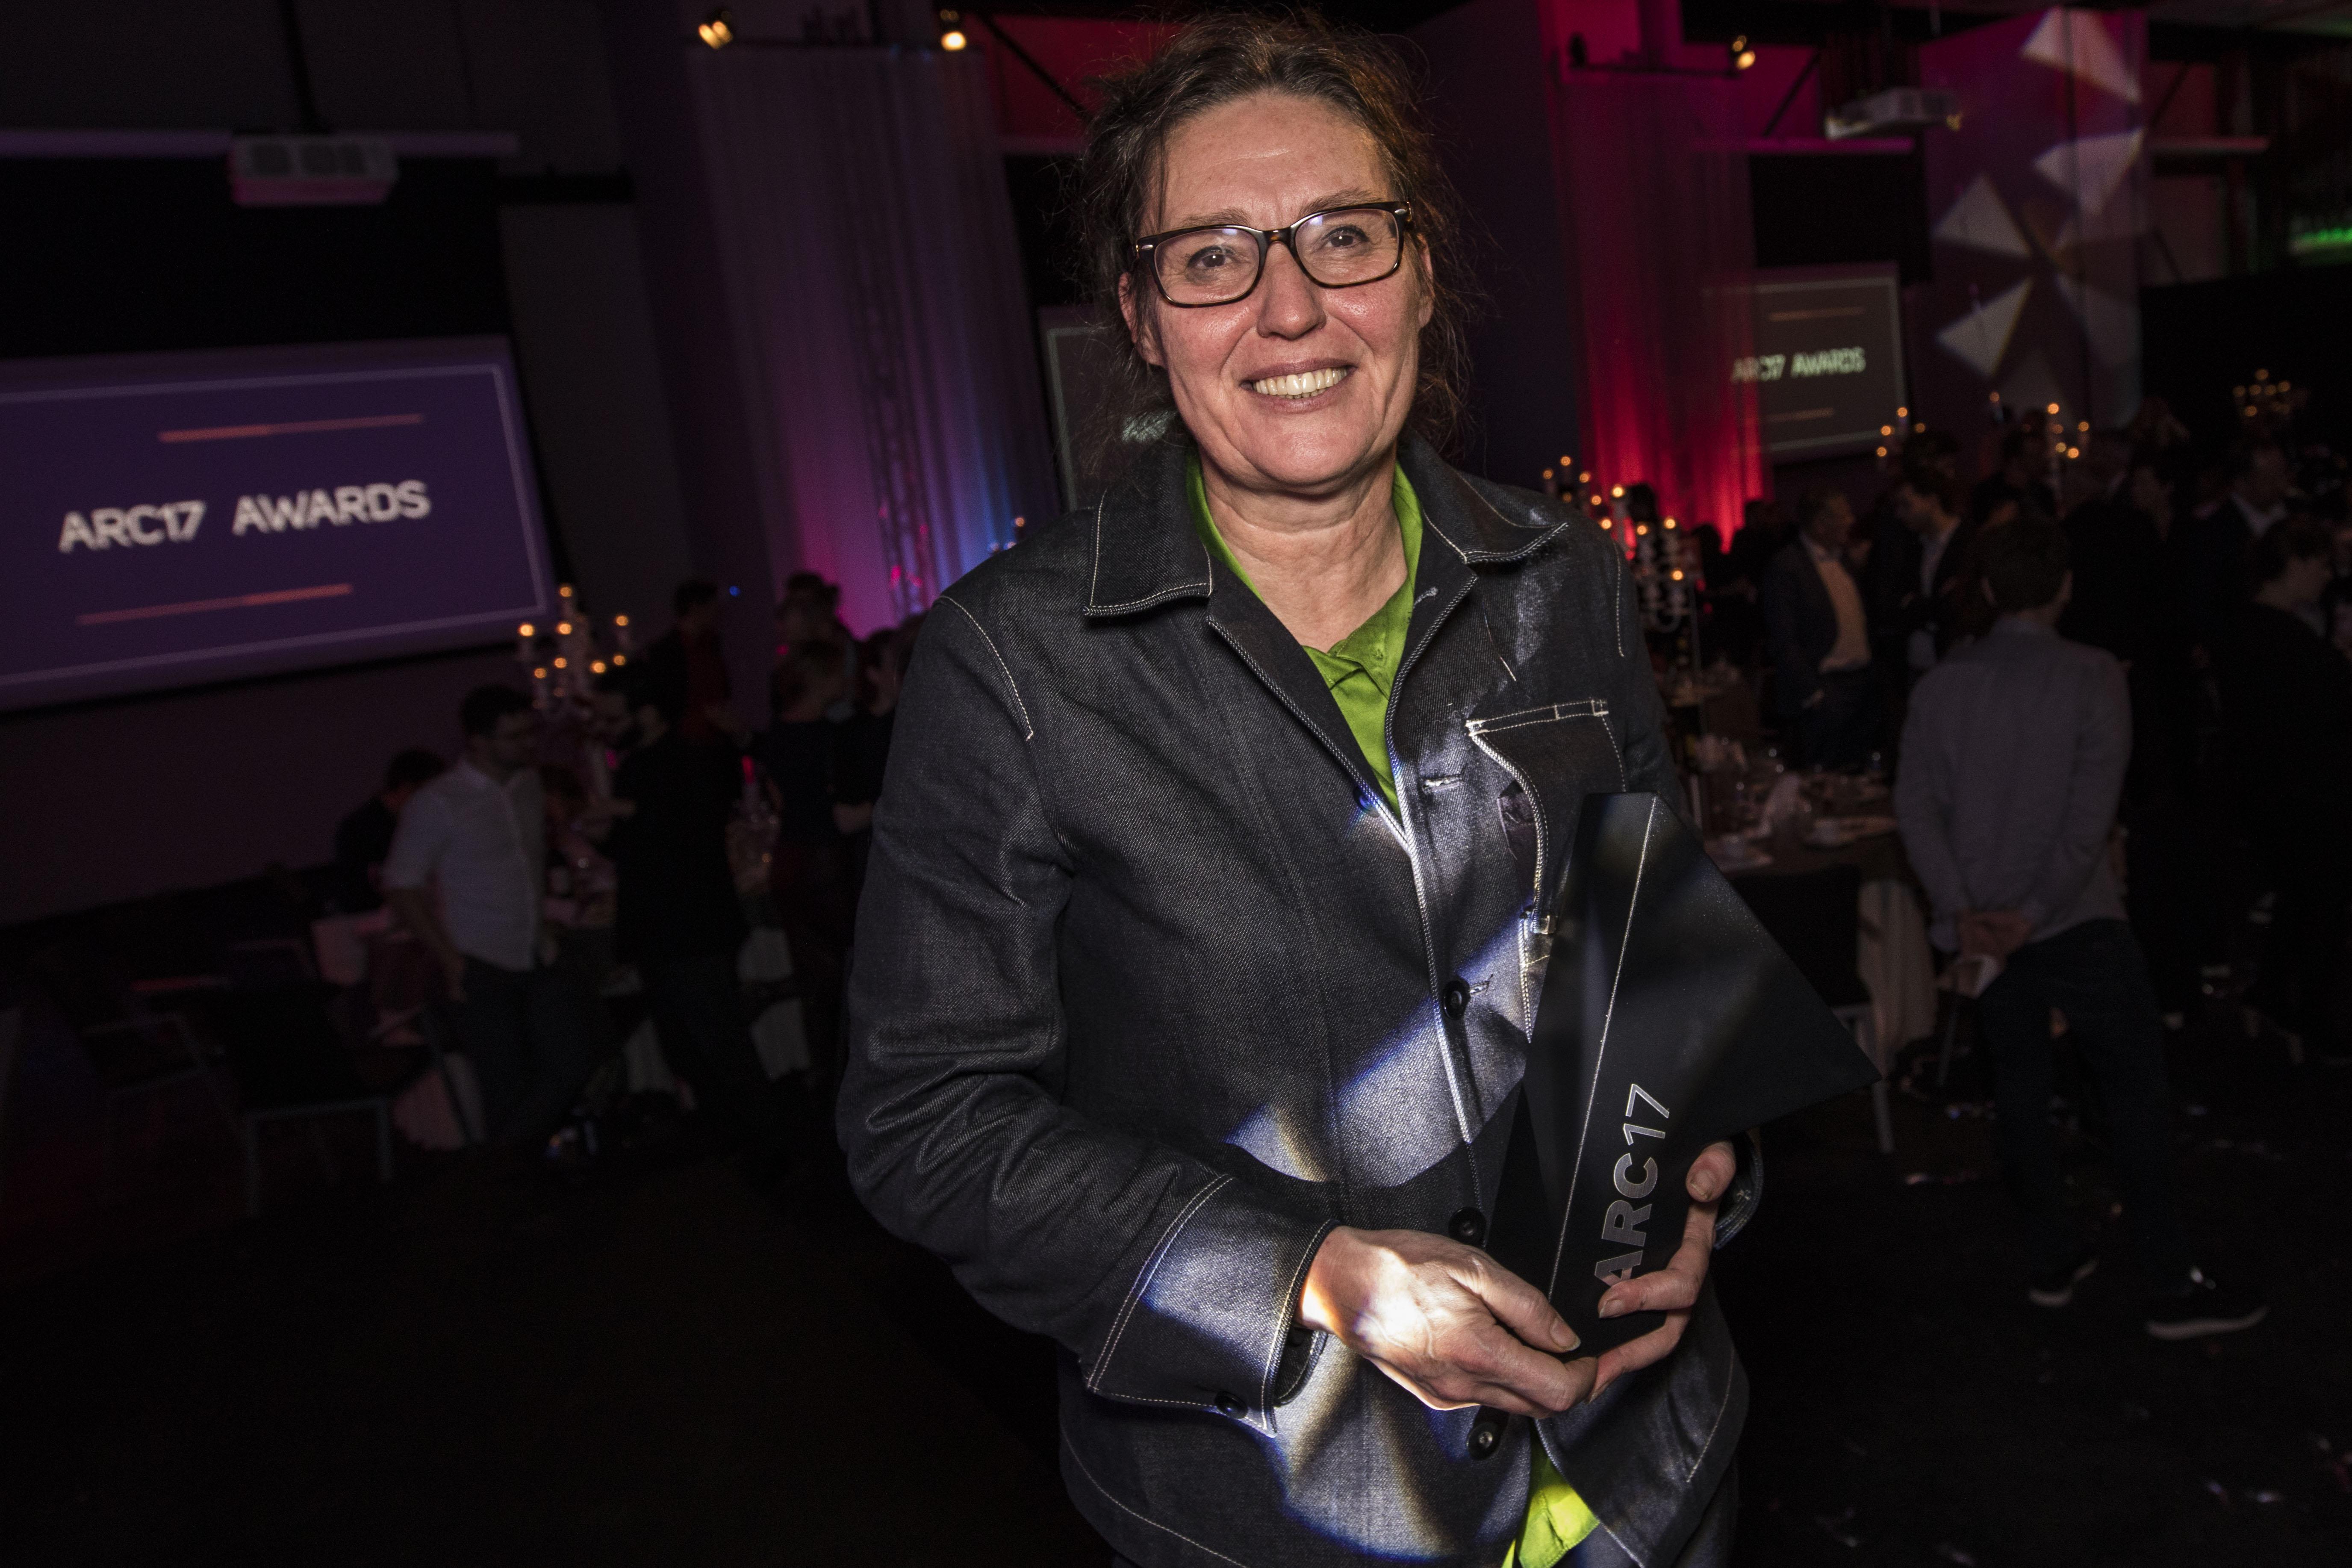 <p>Ellen van Loon ontvangt de ARC17 Architectuur Award. Foto: Elvins Fotografie</p>